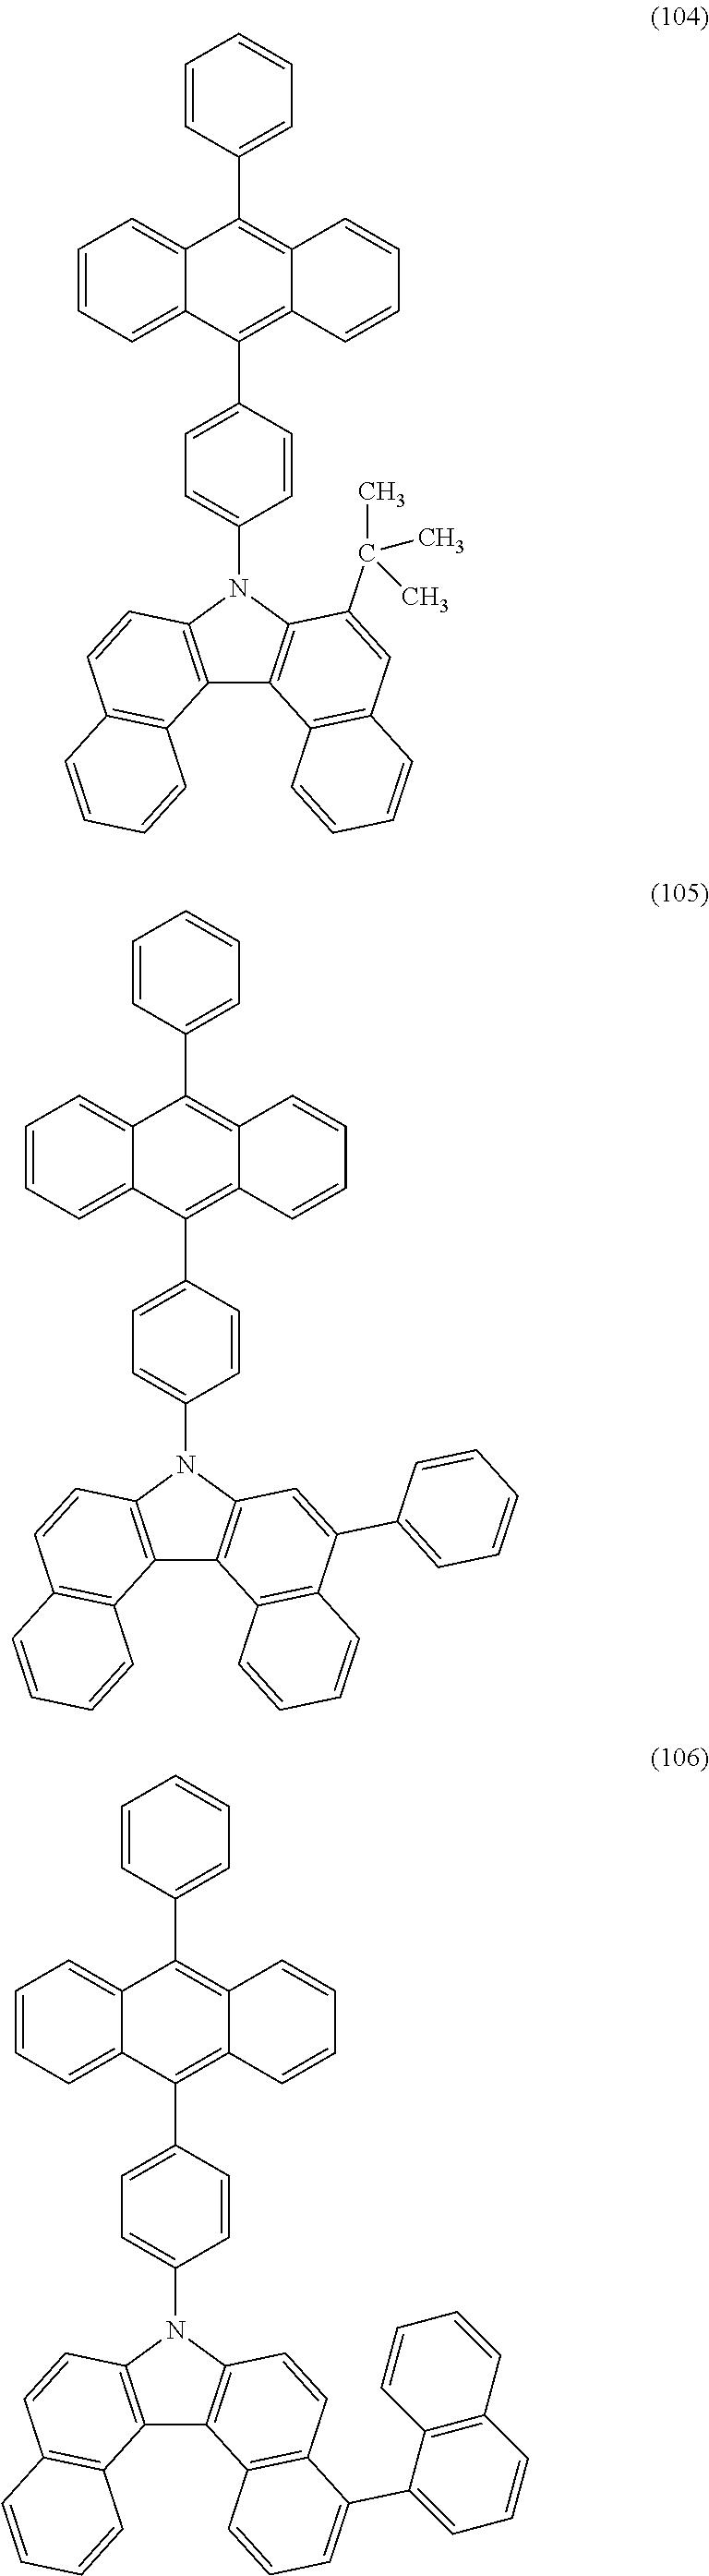 Figure US09240558-20160119-C00045